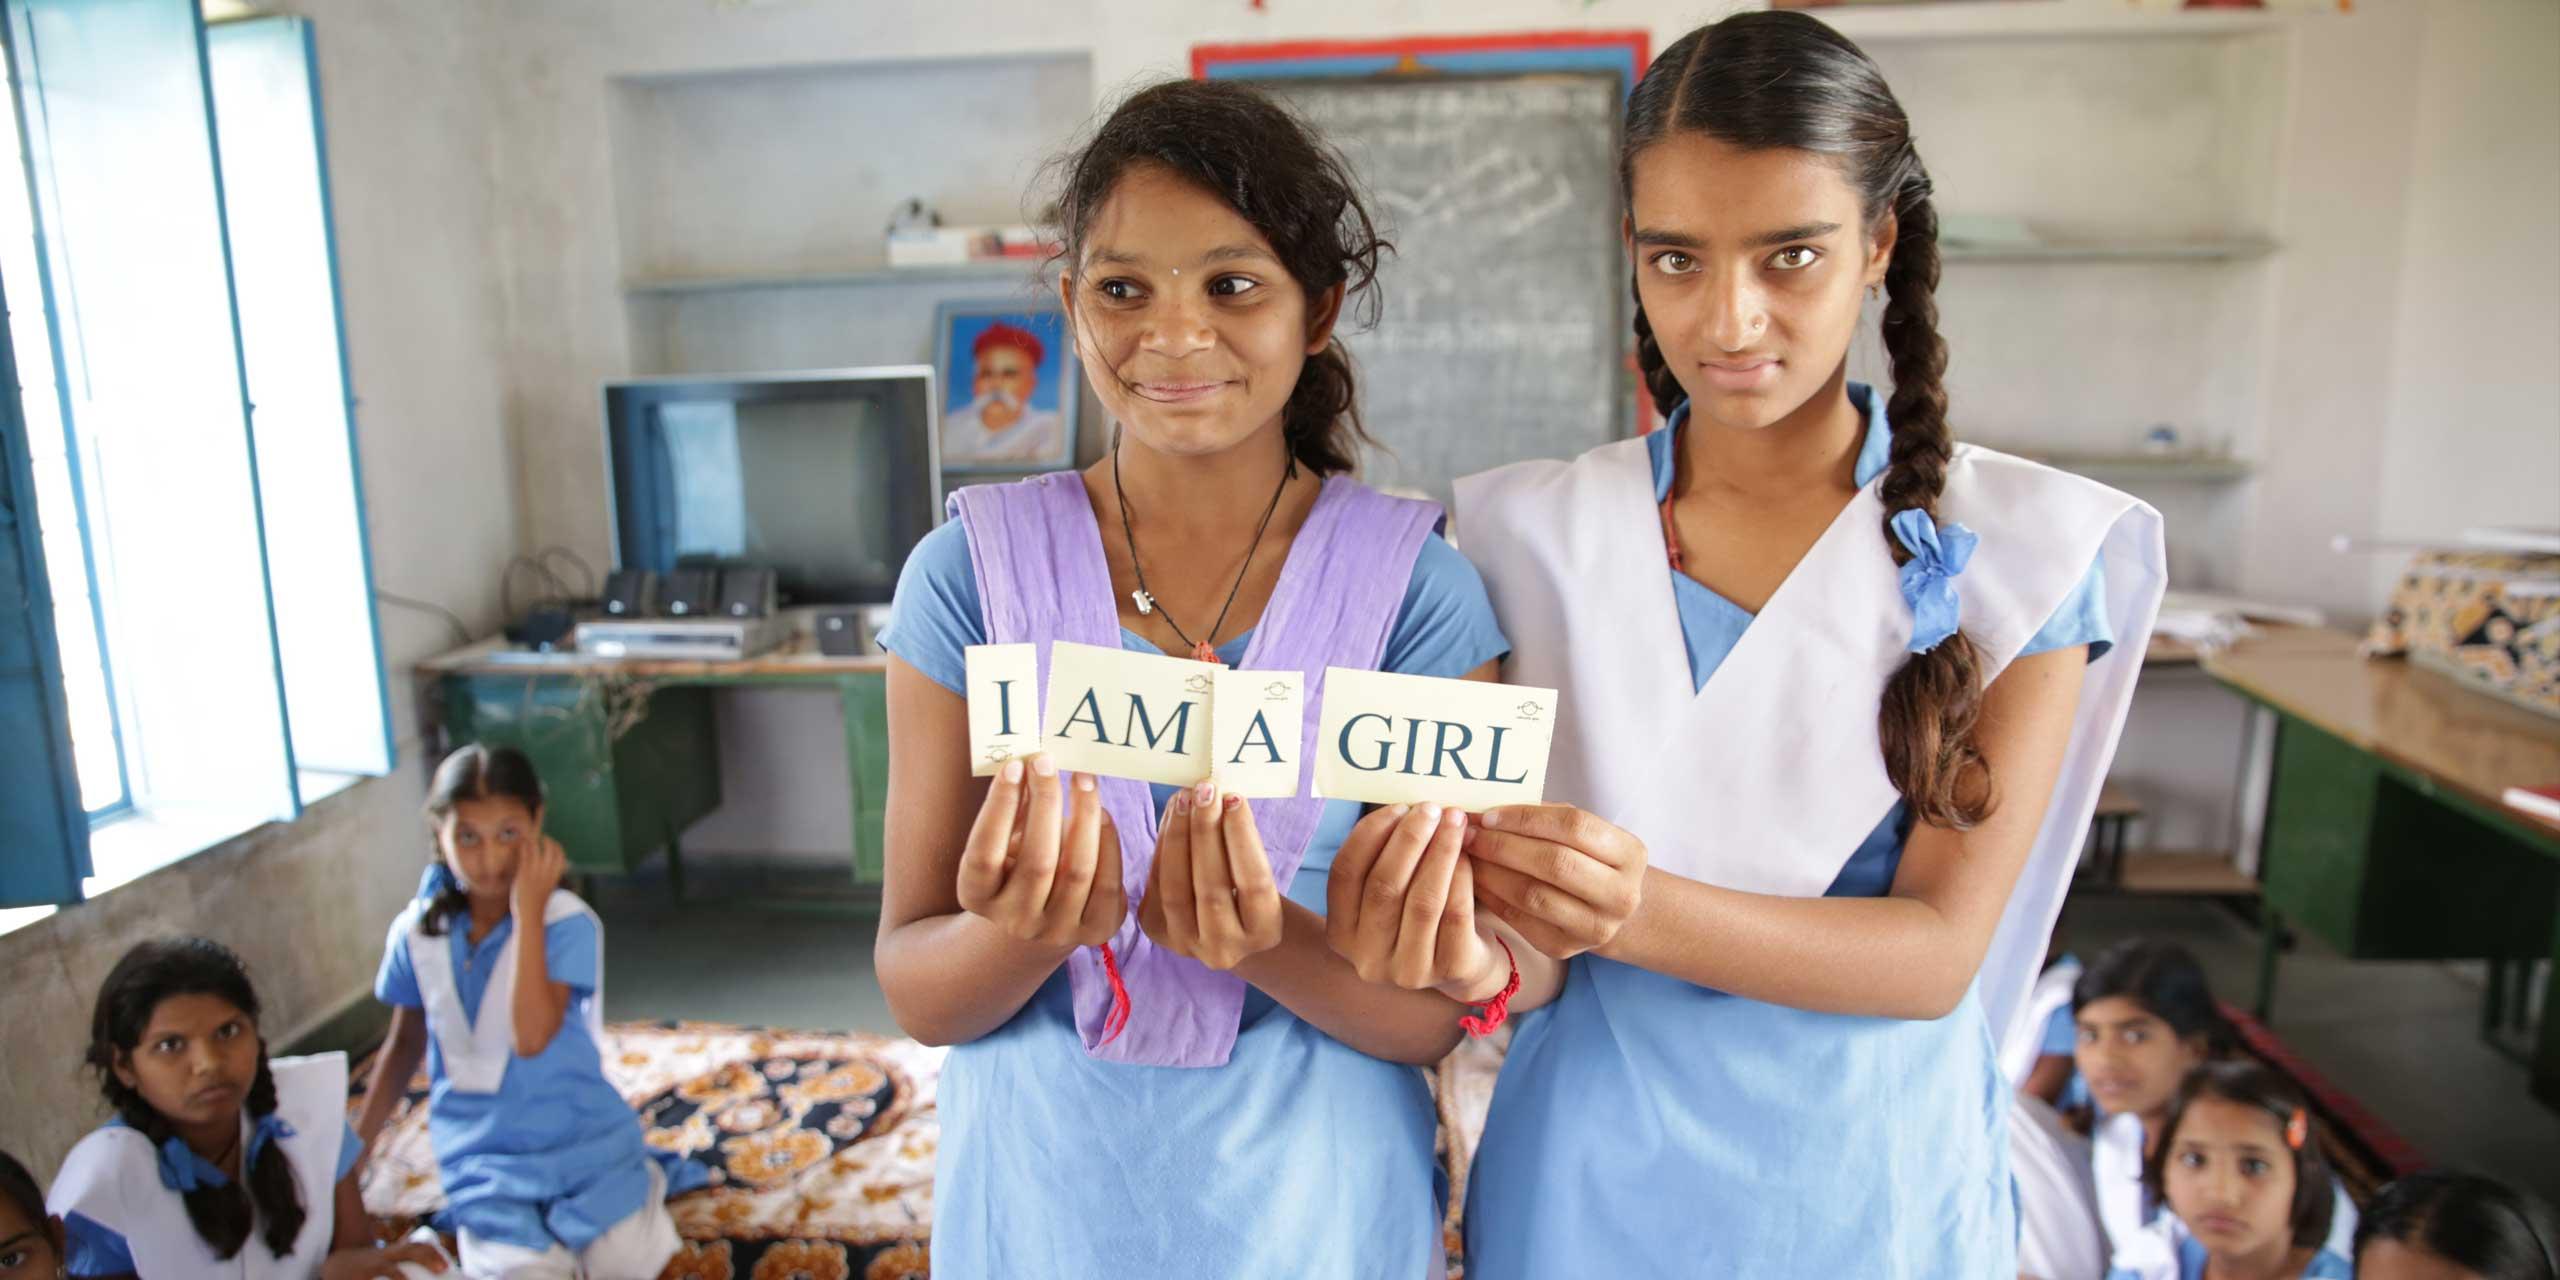 https://s12982.pcdn.co/wp-content/uploads/2014/02/educate-girls-sl4.jpg